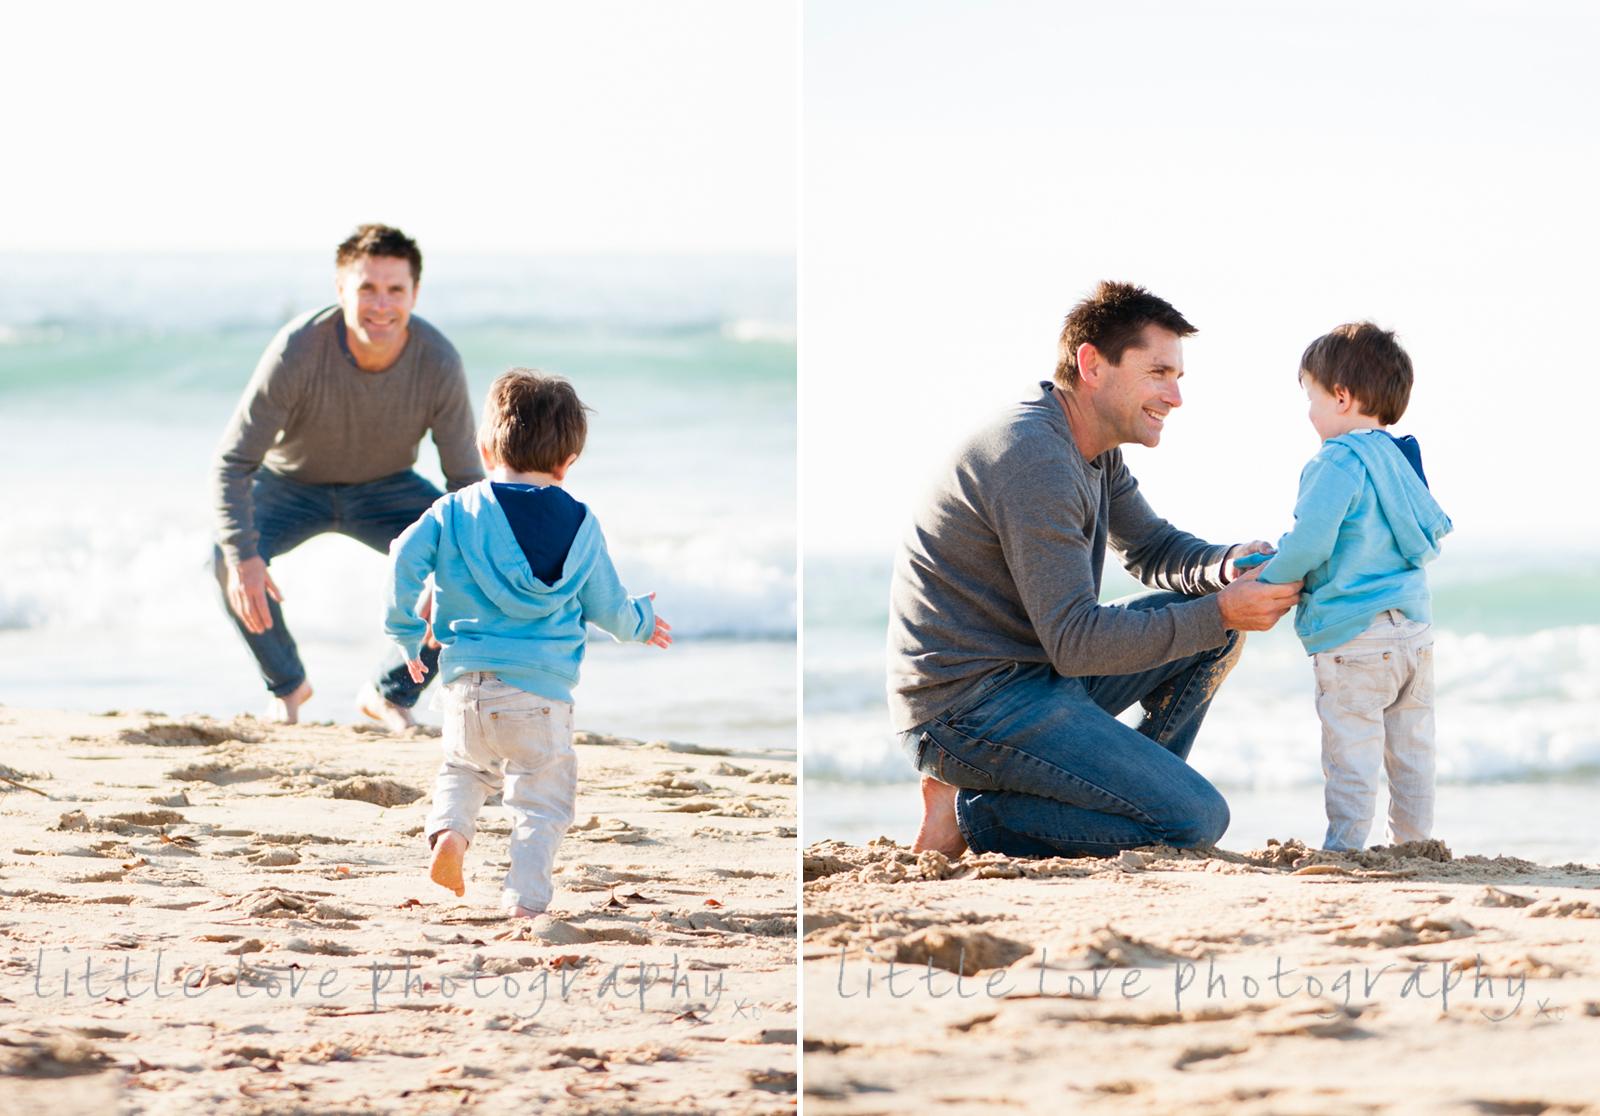 familyphotographysydney030.jpg